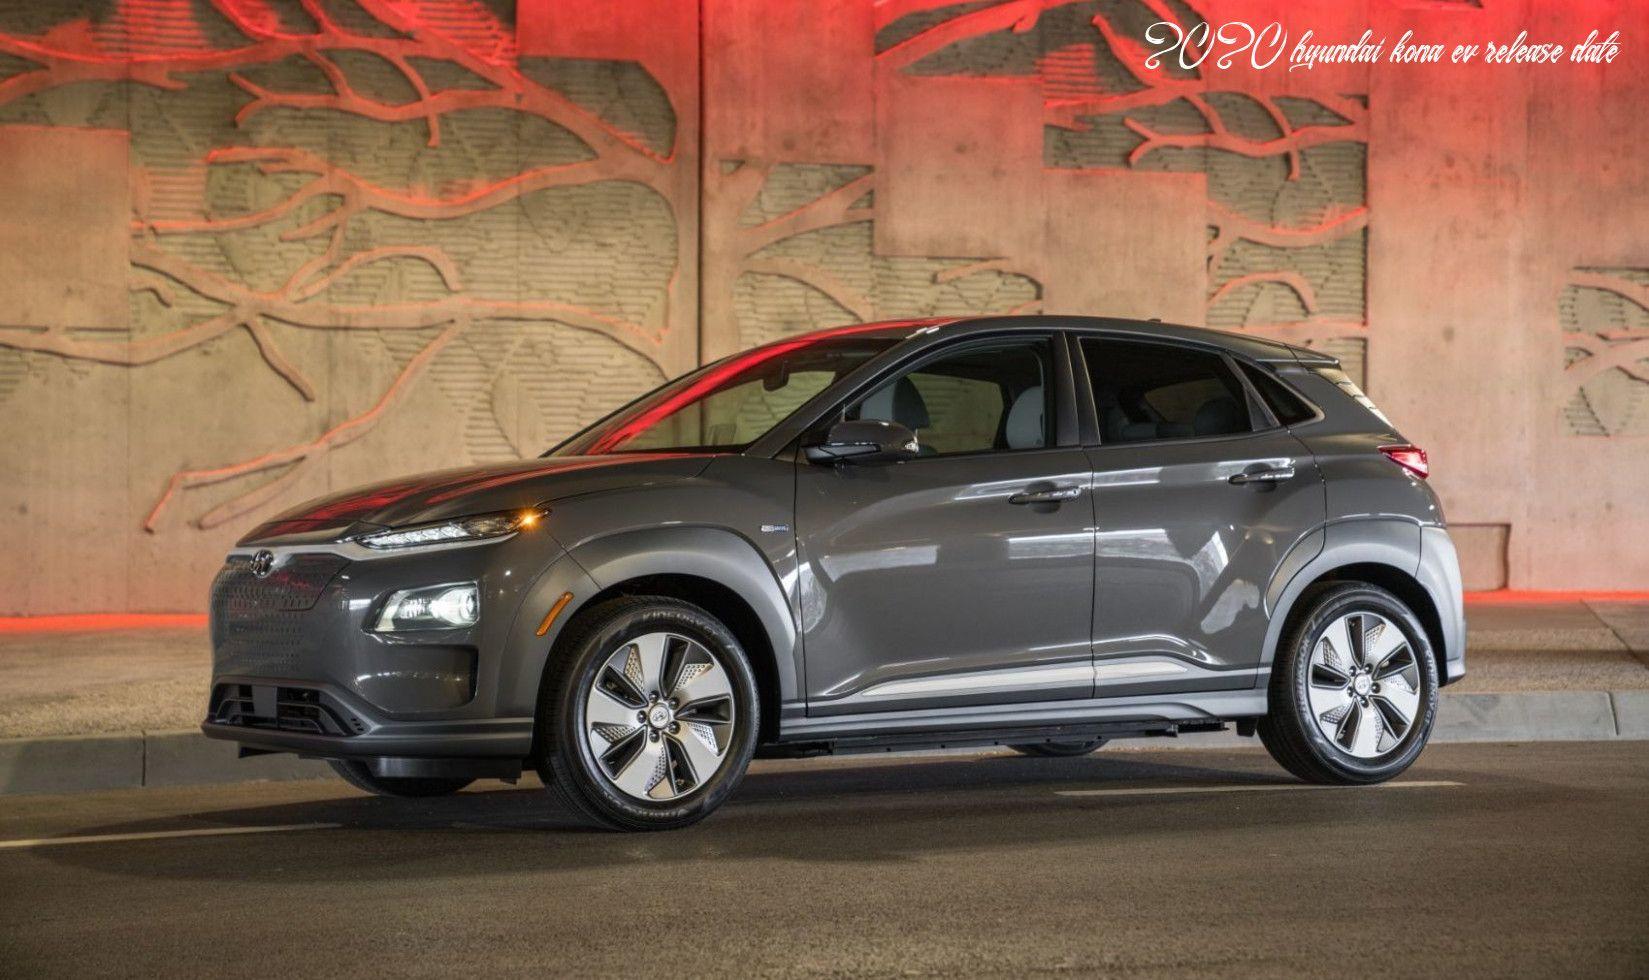 2020 Hyundai Kona Ev Release Date In 2020 Hyundai Hyundai Cars Electric Cars